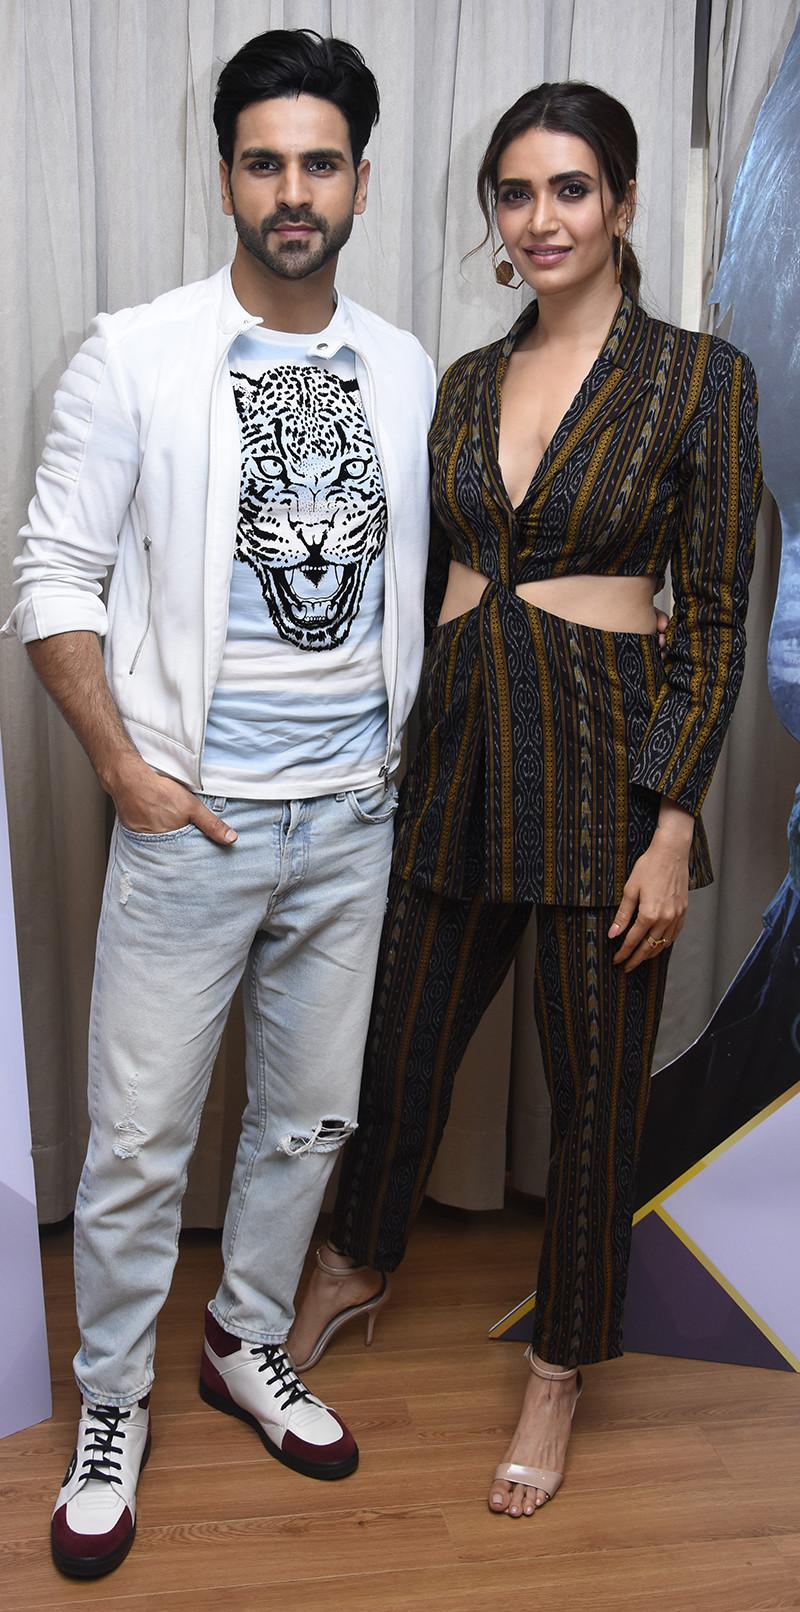 karishma Tanna With Vivek Dahiya